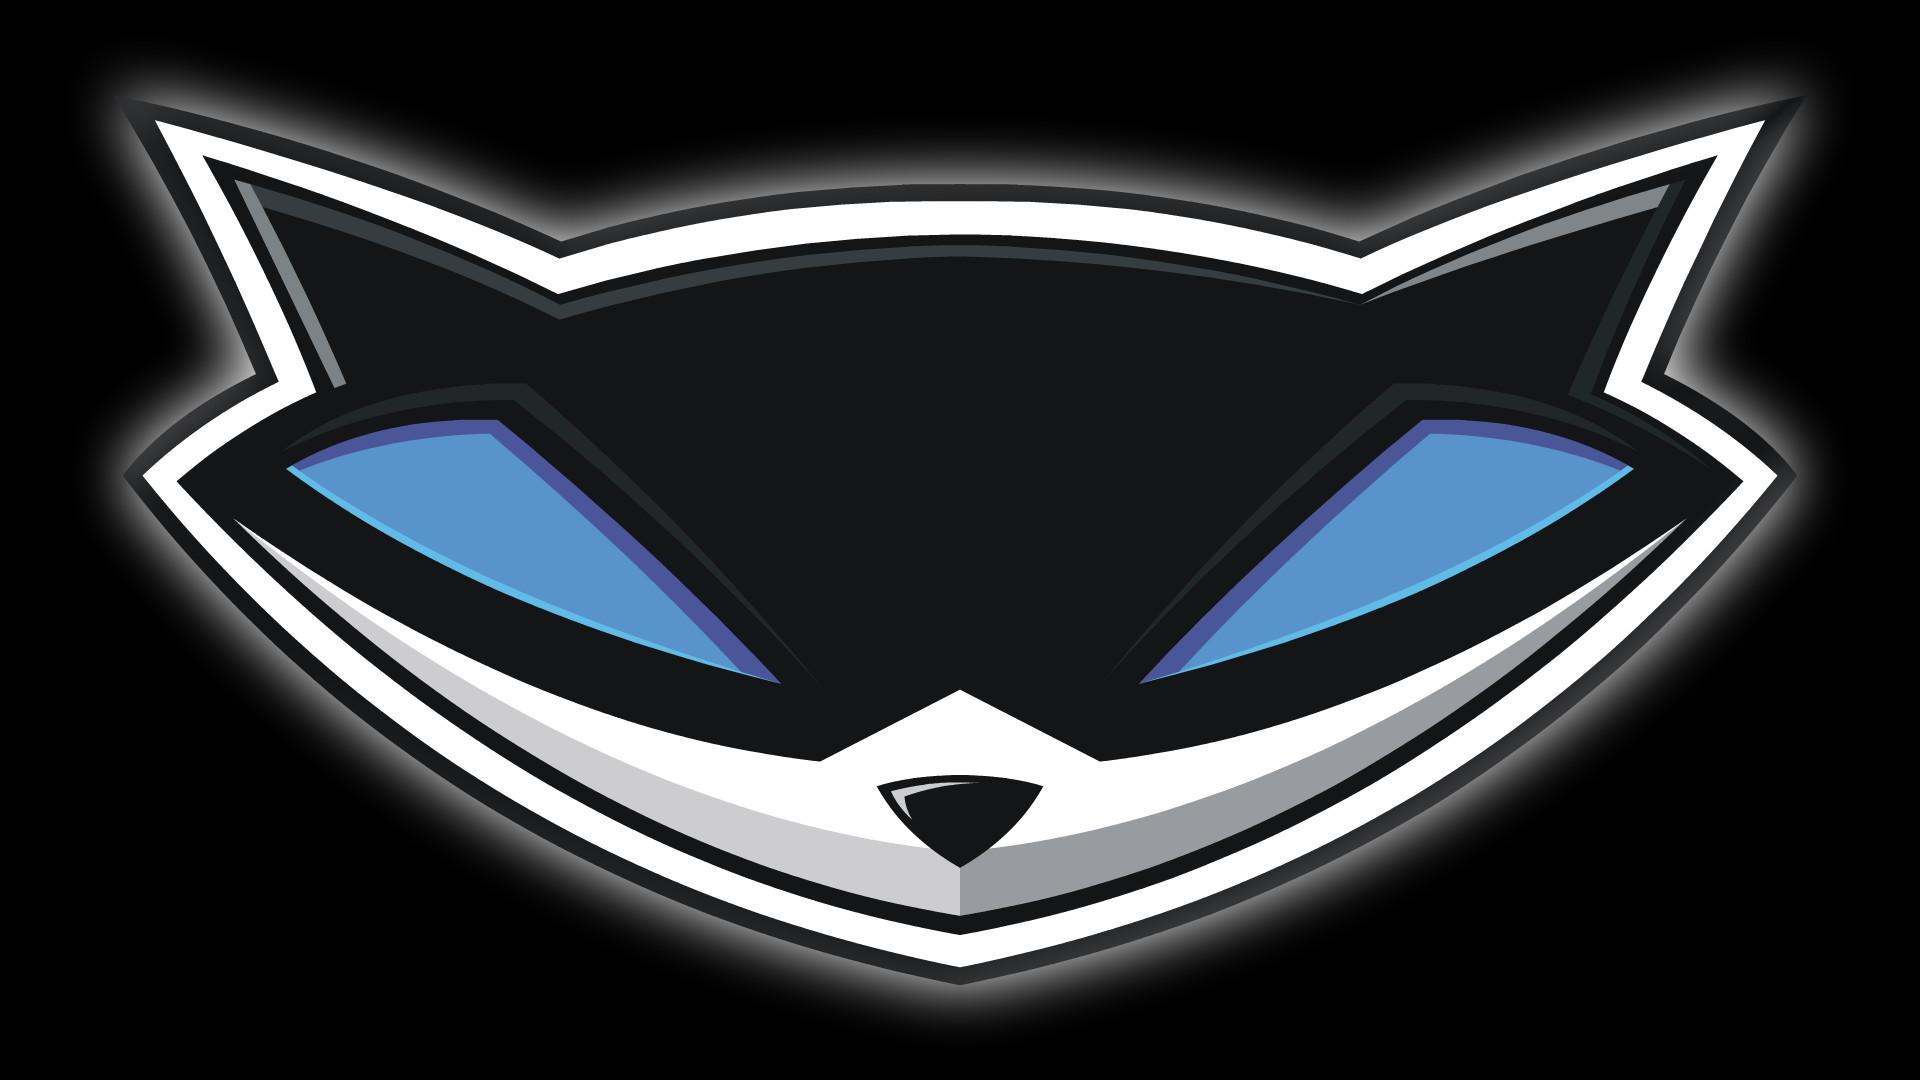 Sly Cooper Symbol by Yurtigo Sly Cooper Symbol by Yurtigo